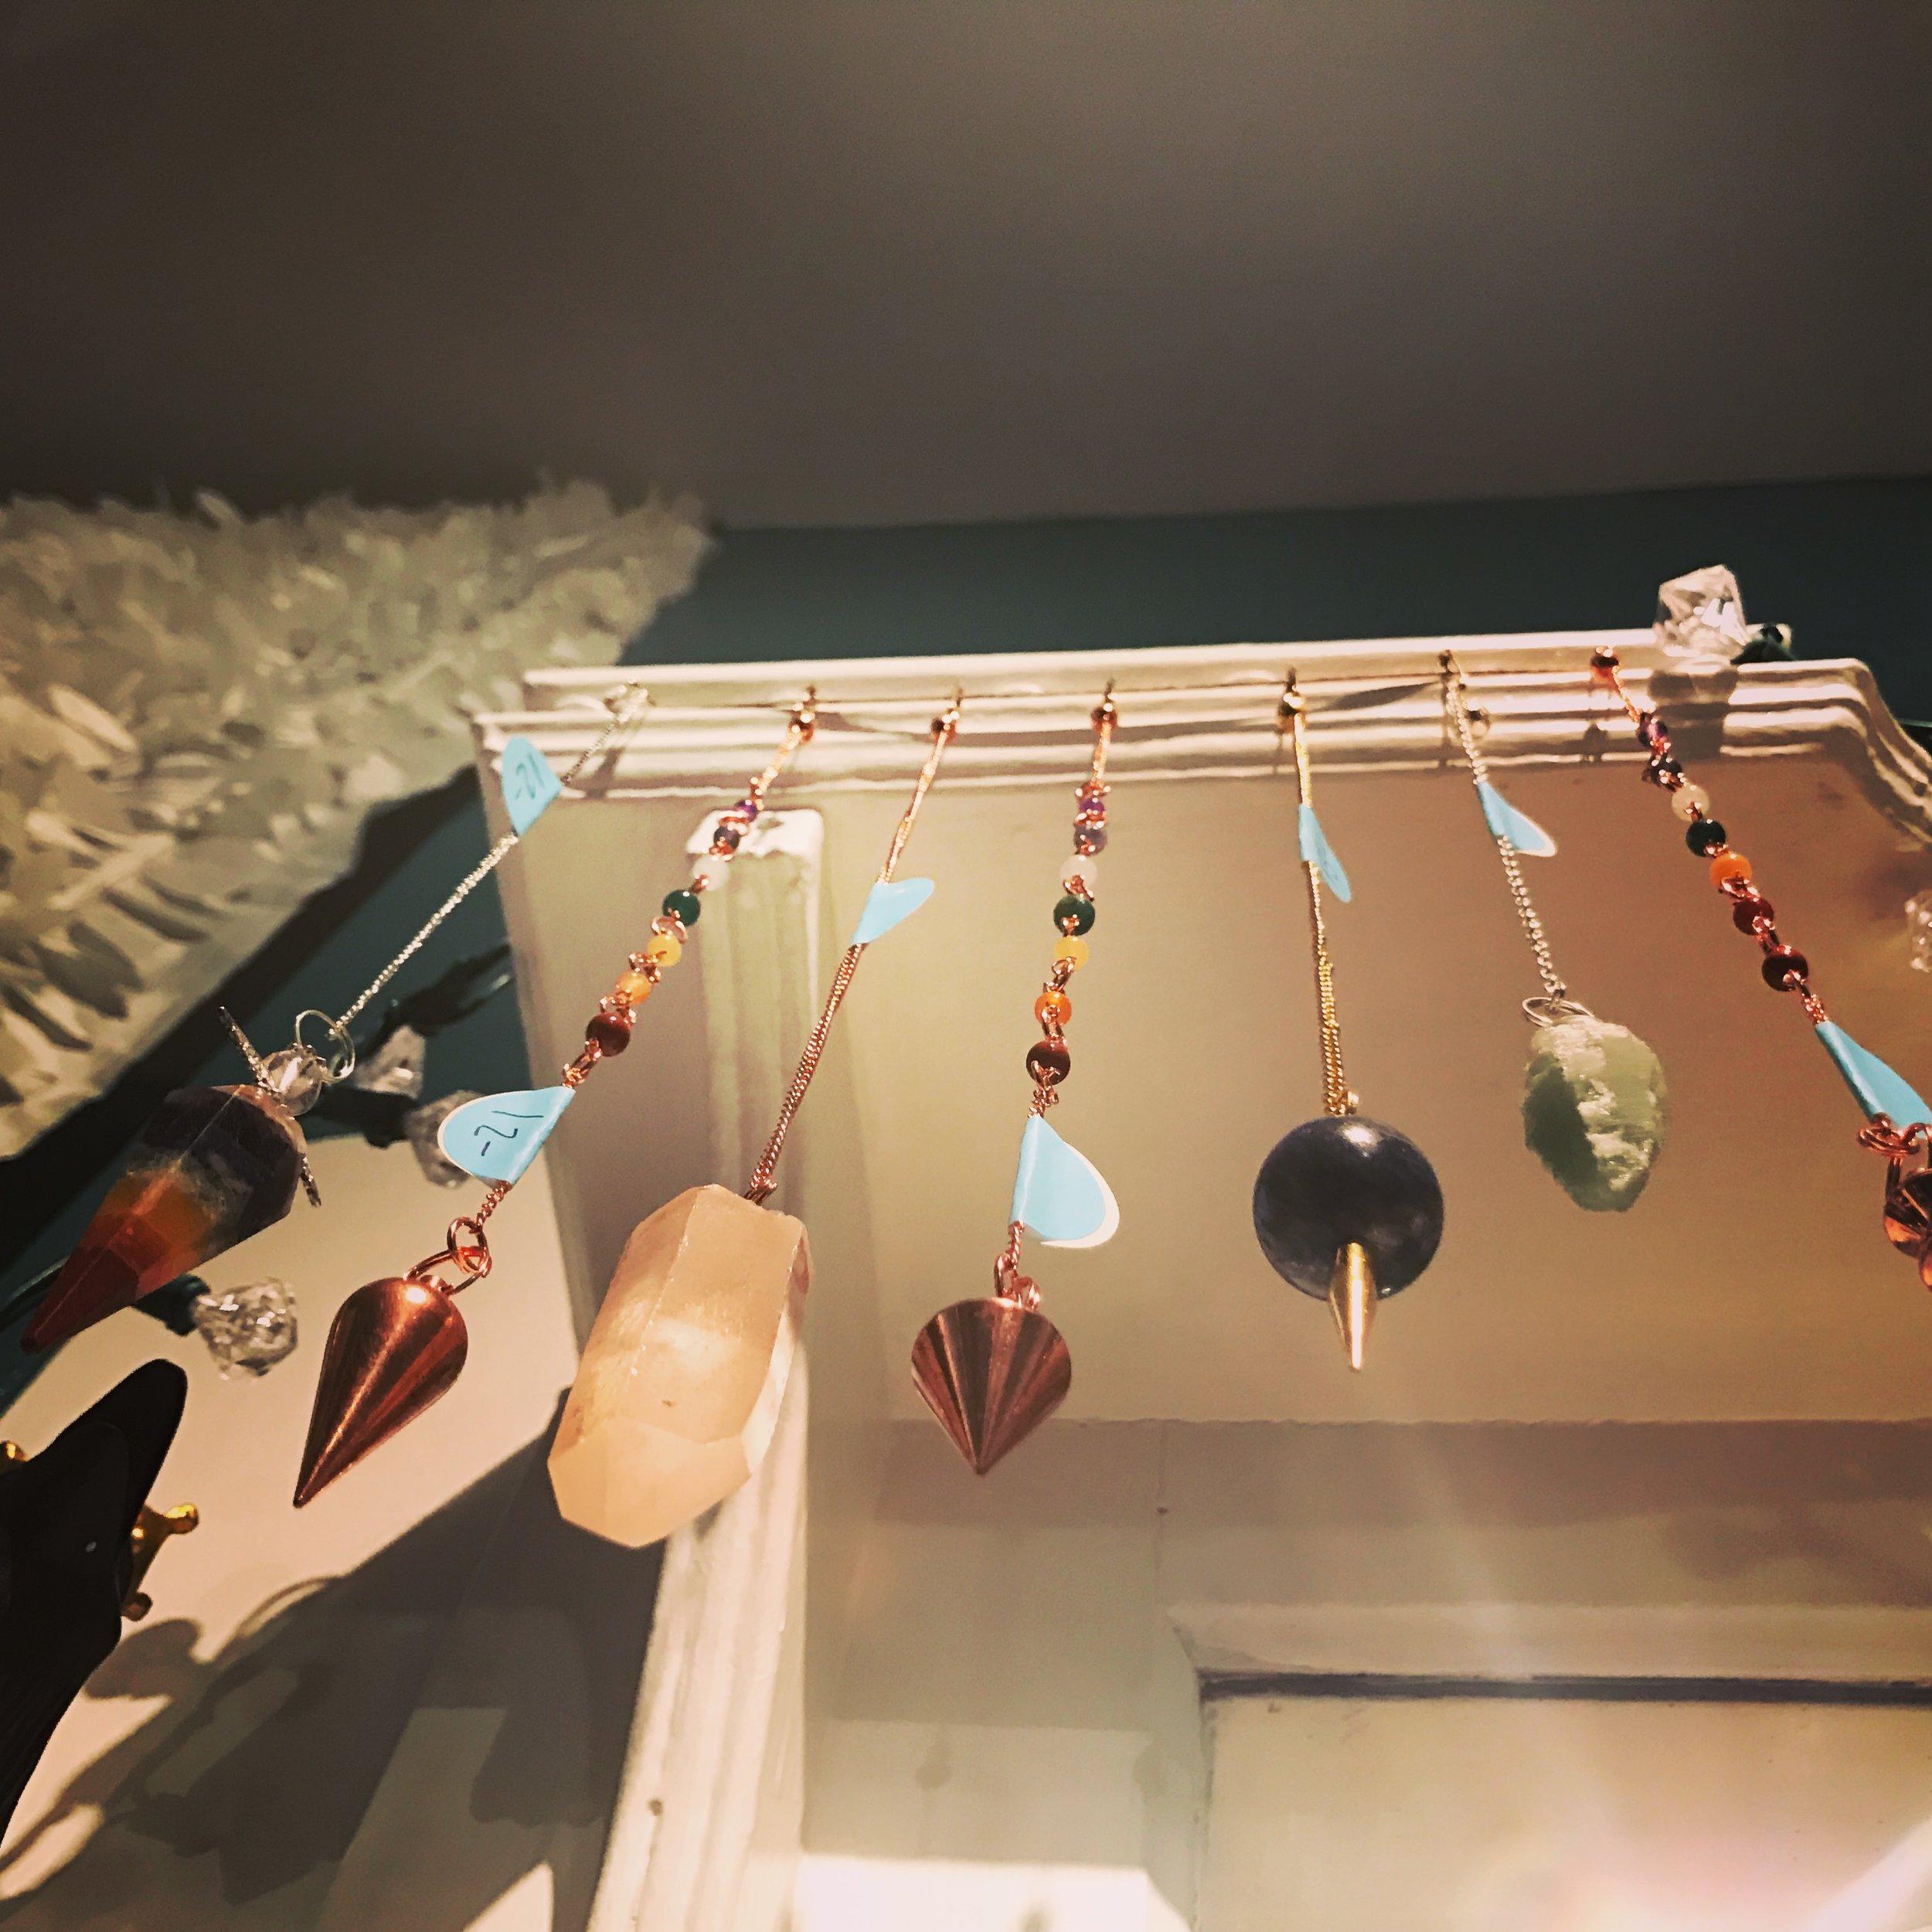 pendulums - healing crystals